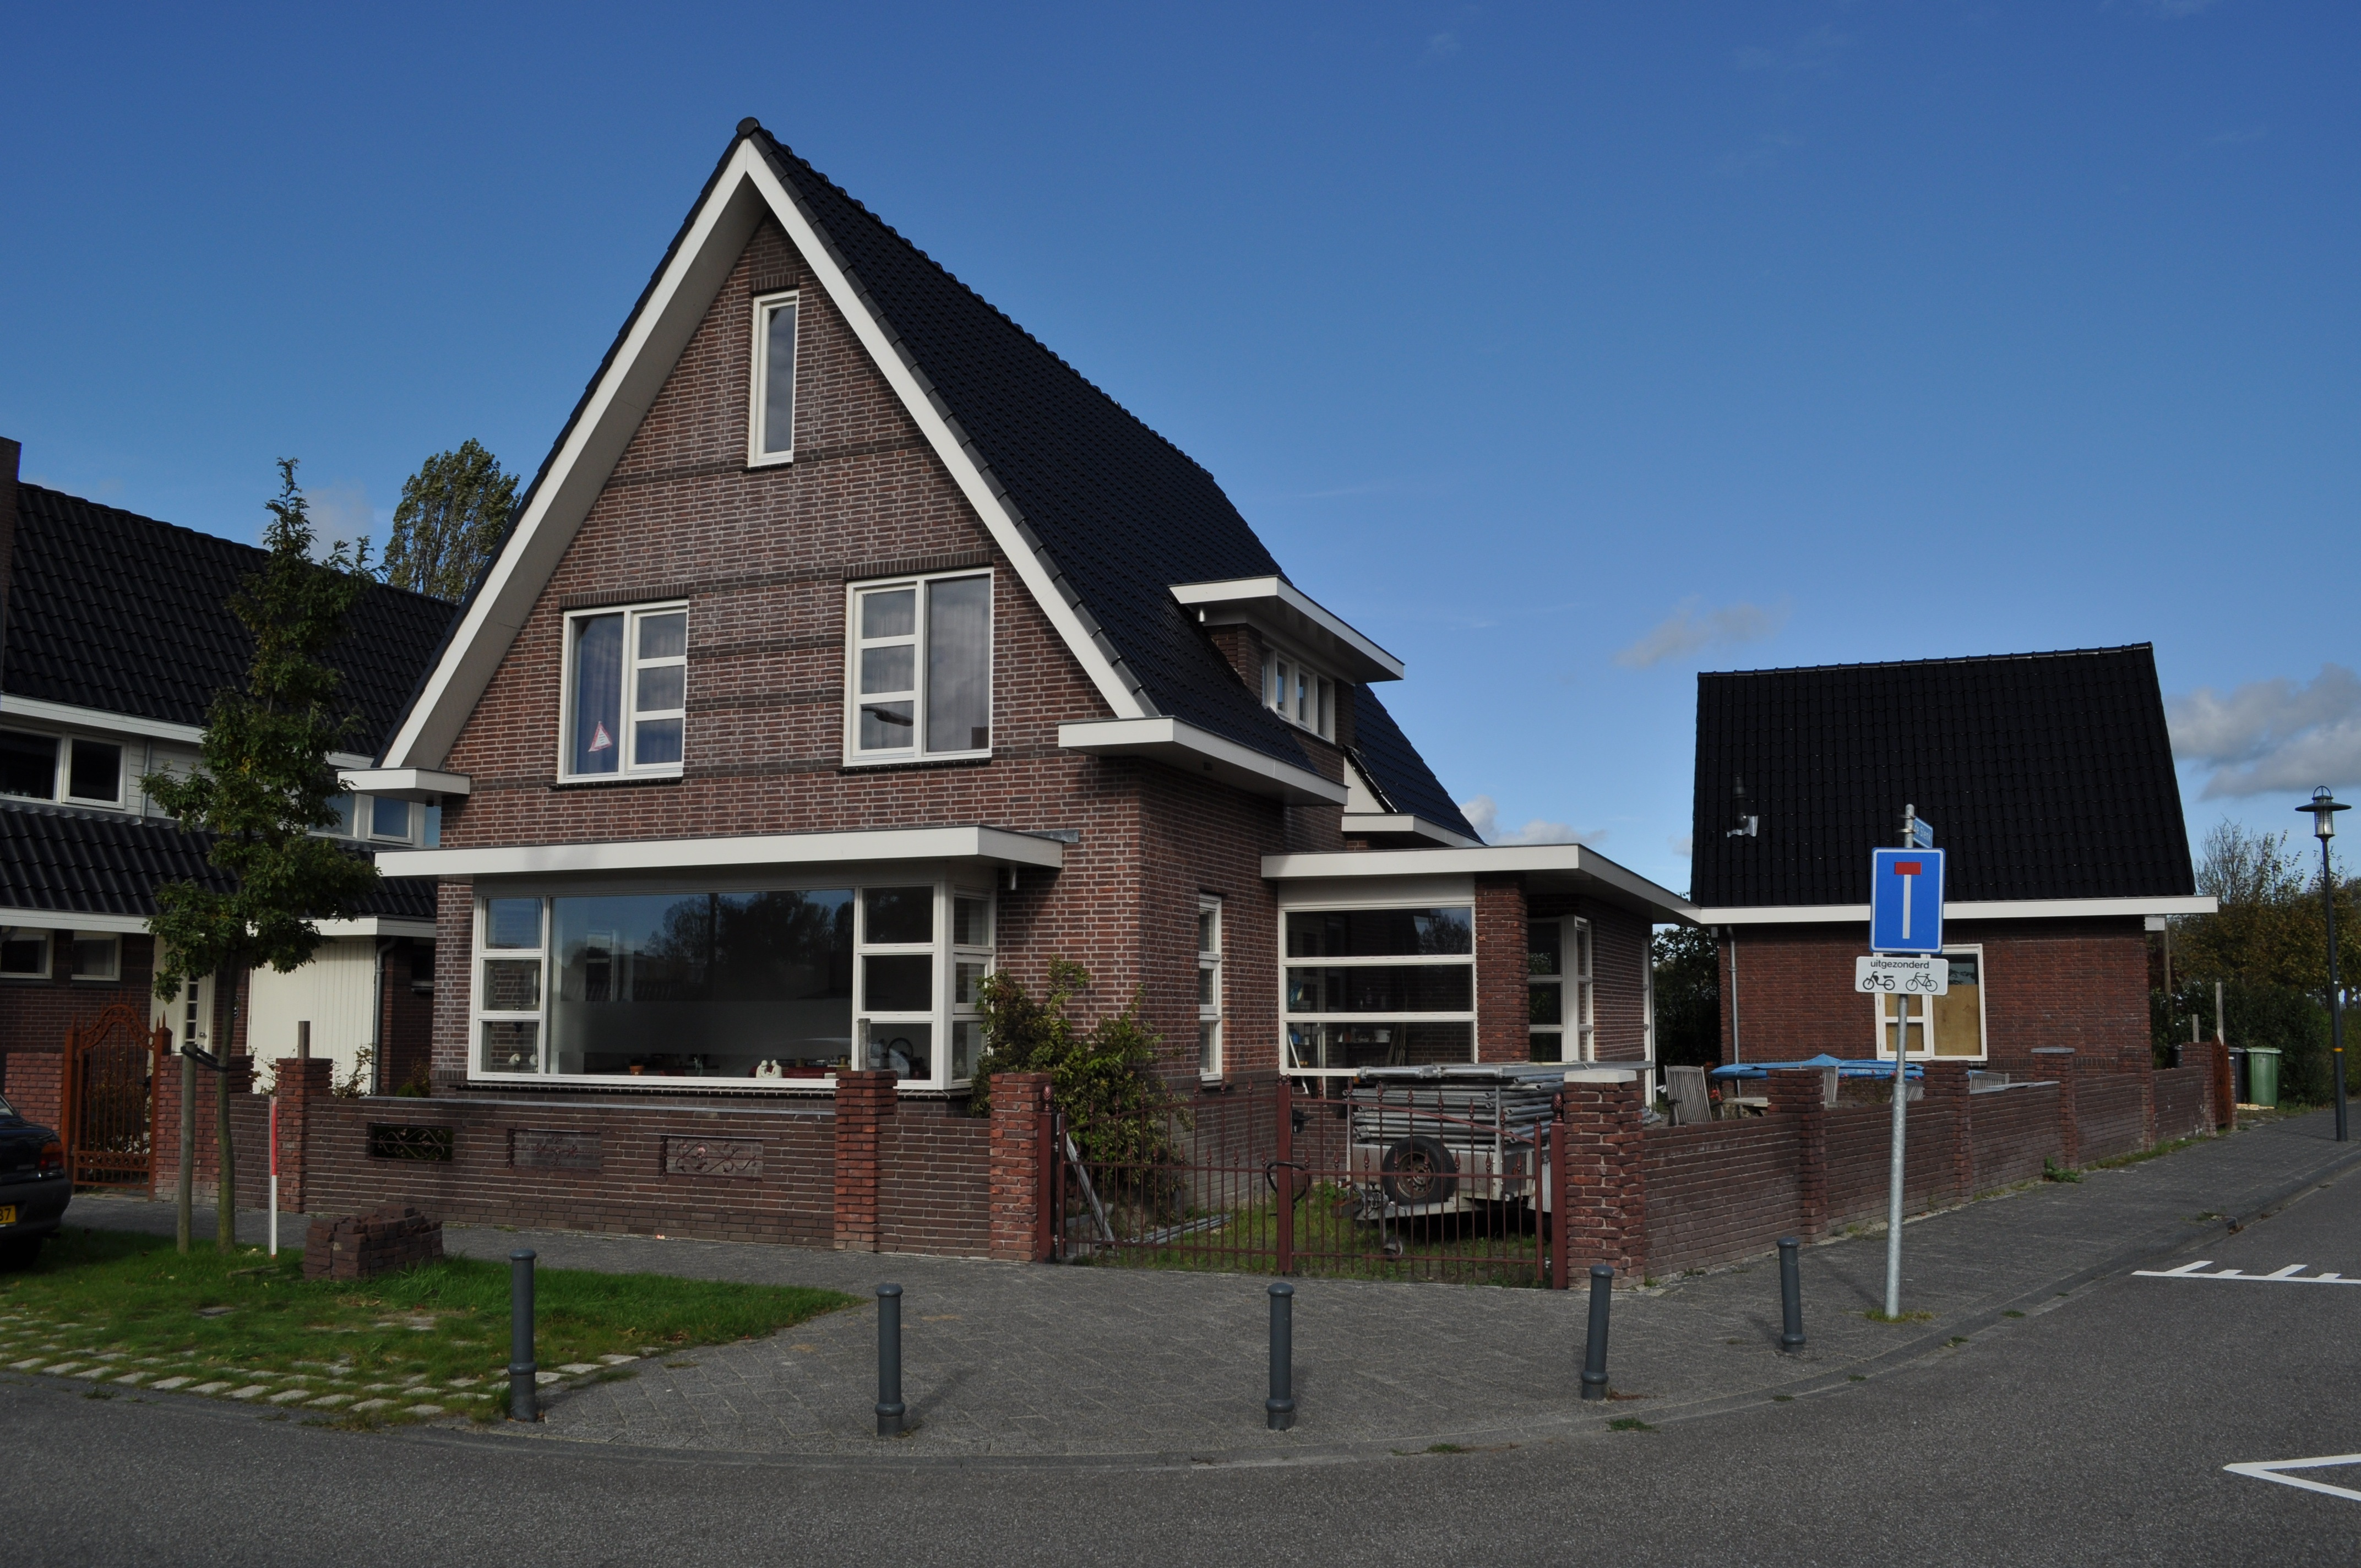 30 keuken jaren ontwerp - Renovateer een huis van de jaren ...